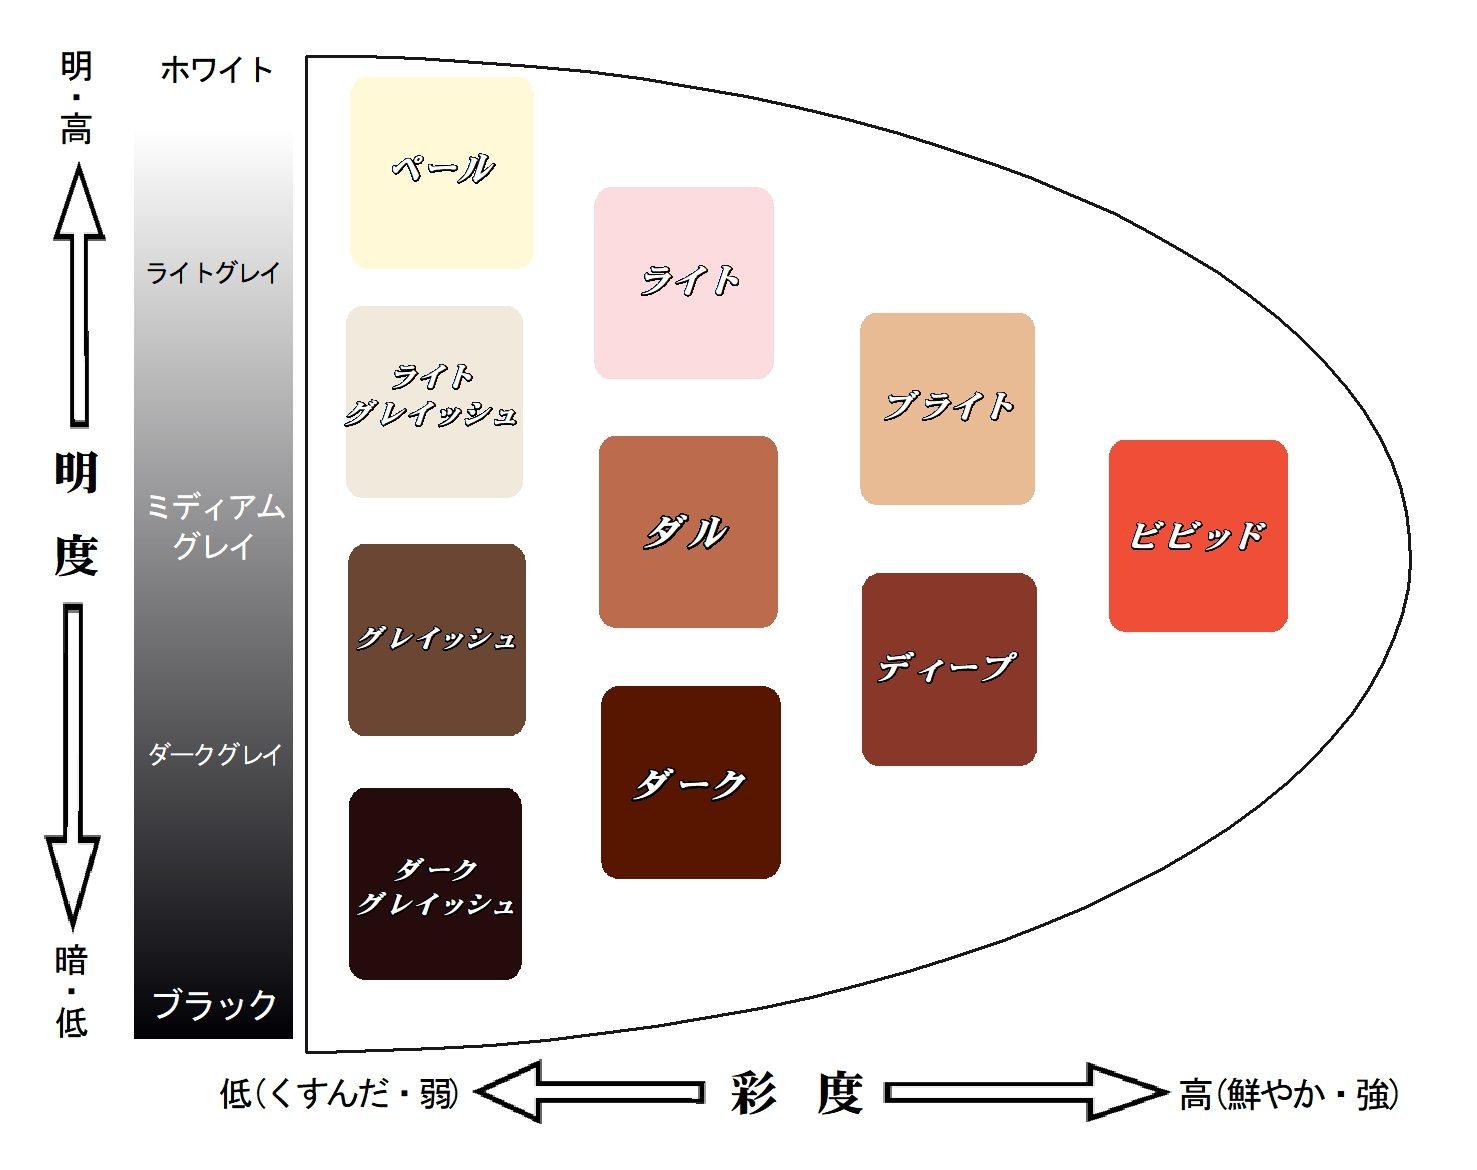 髪色の明度と彩度